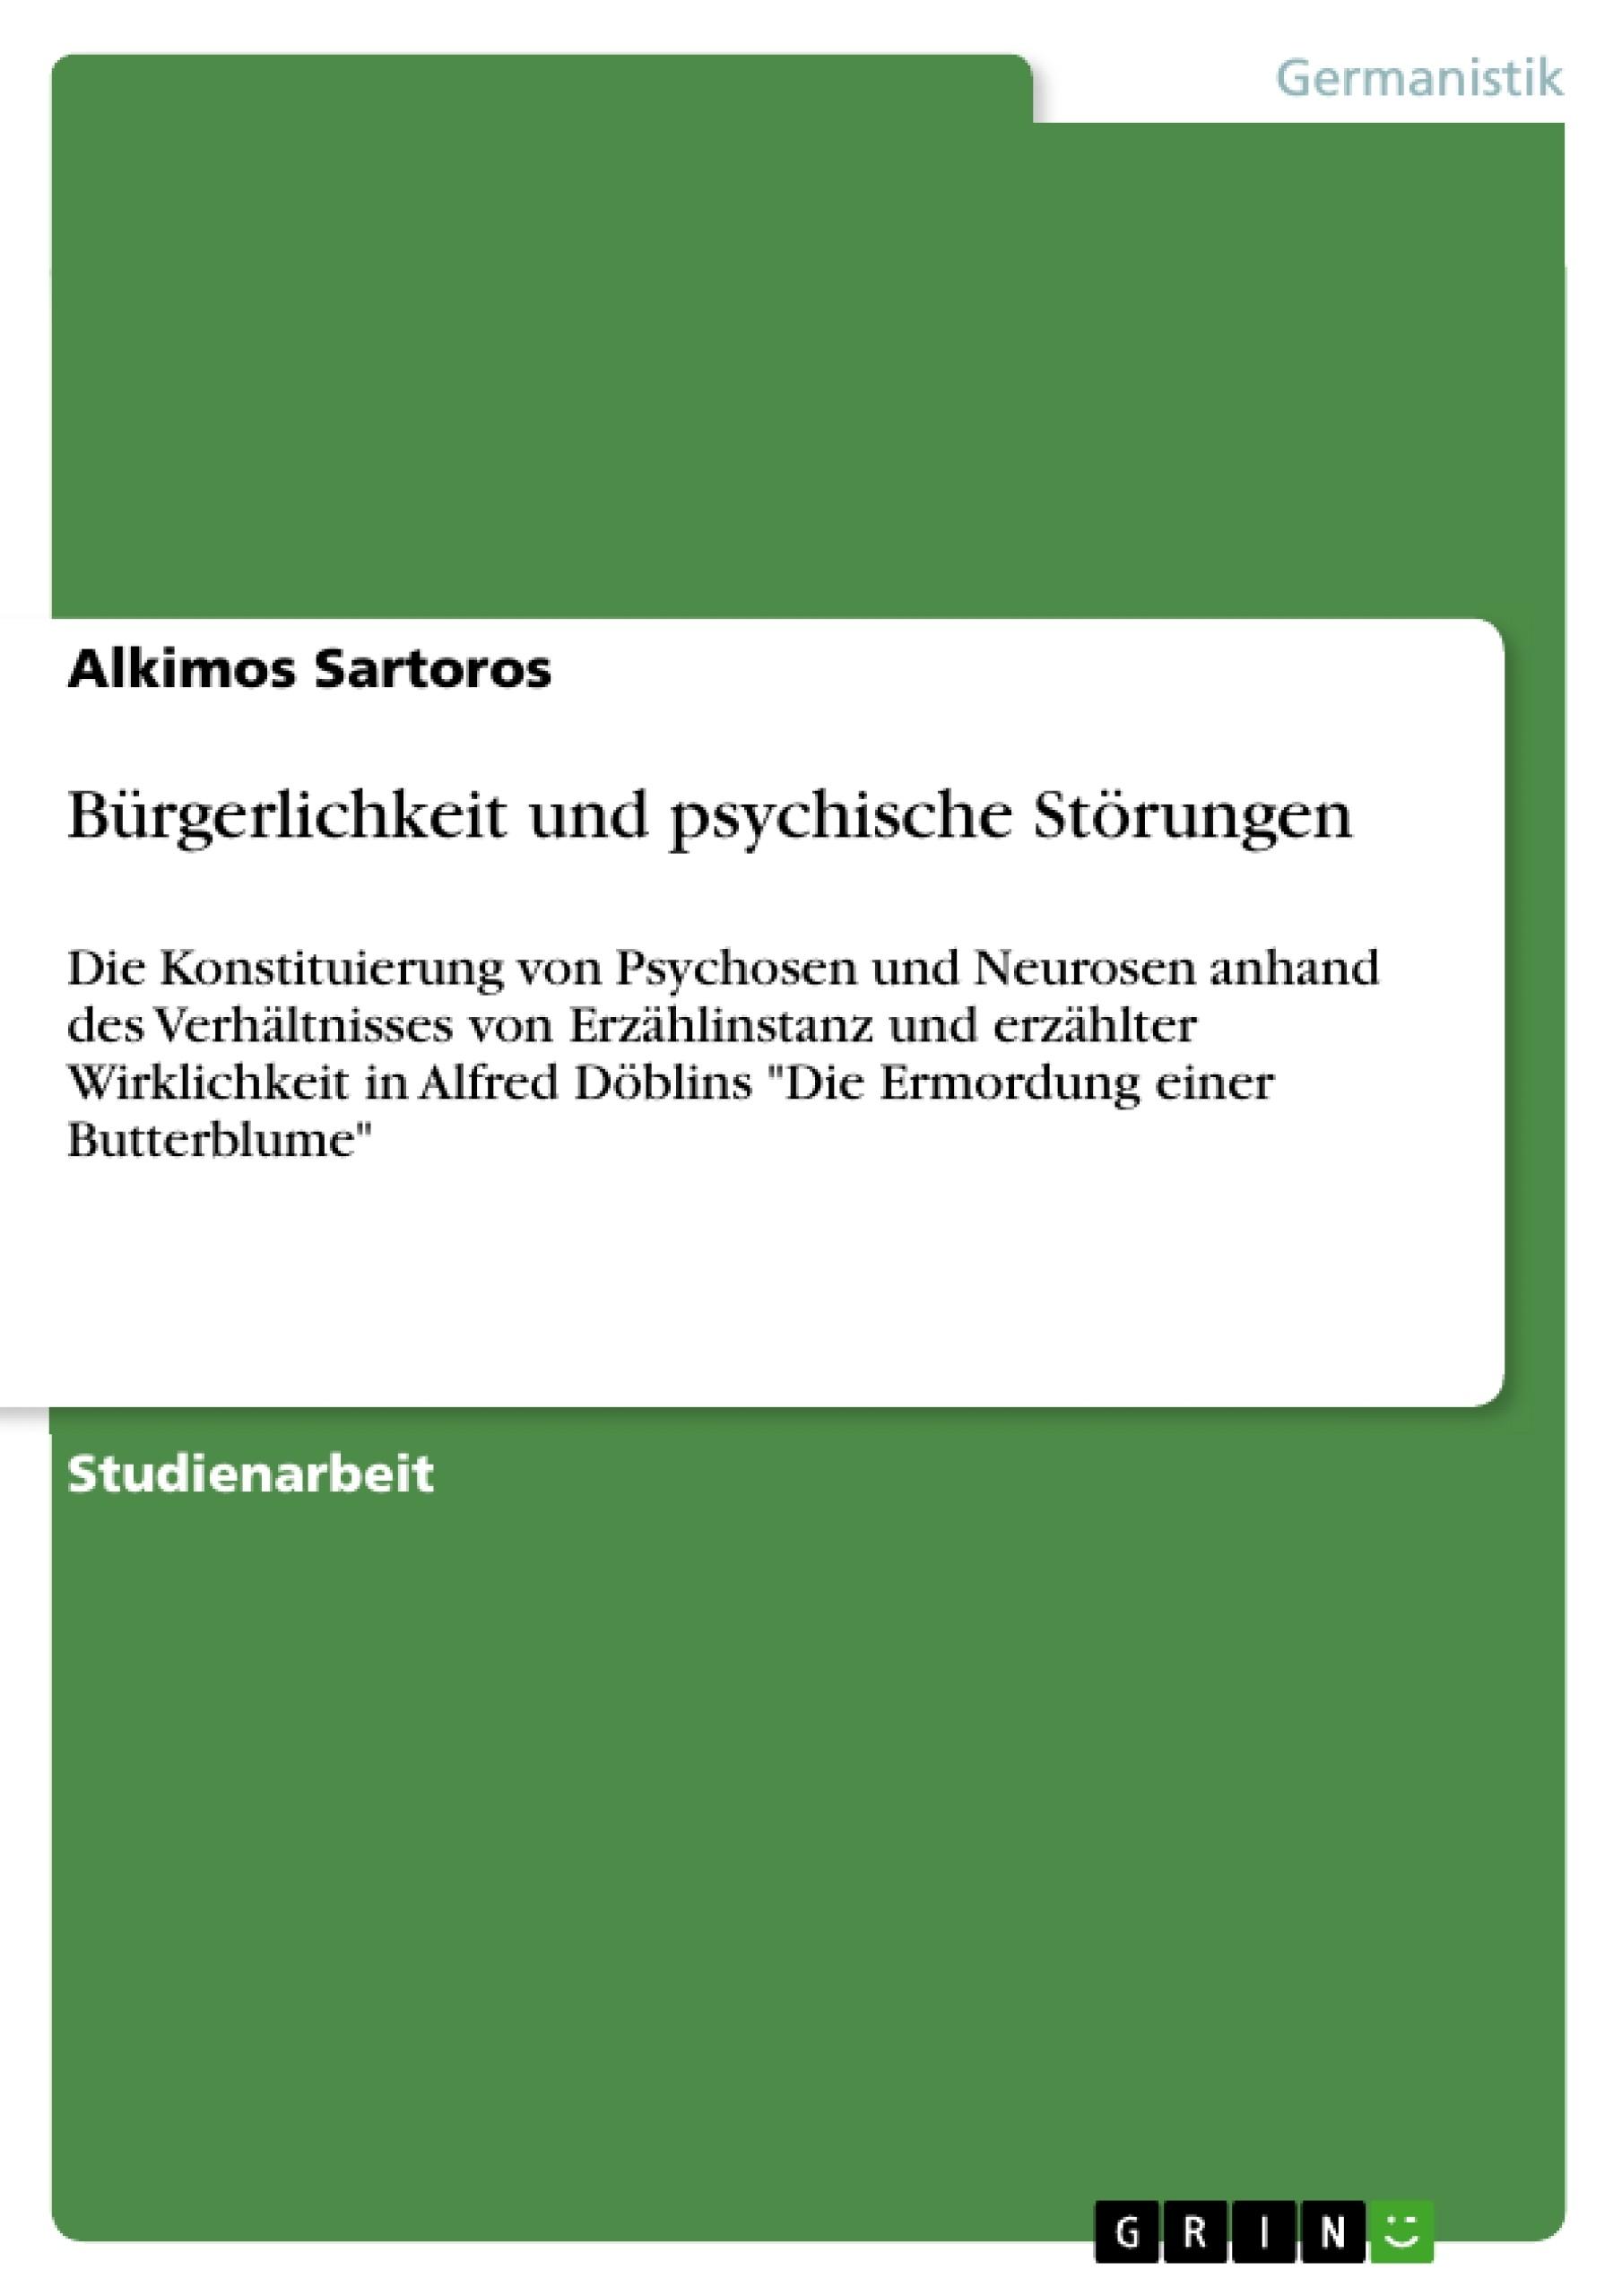 Titel: Bürgerlichkeit und psychische Störungen